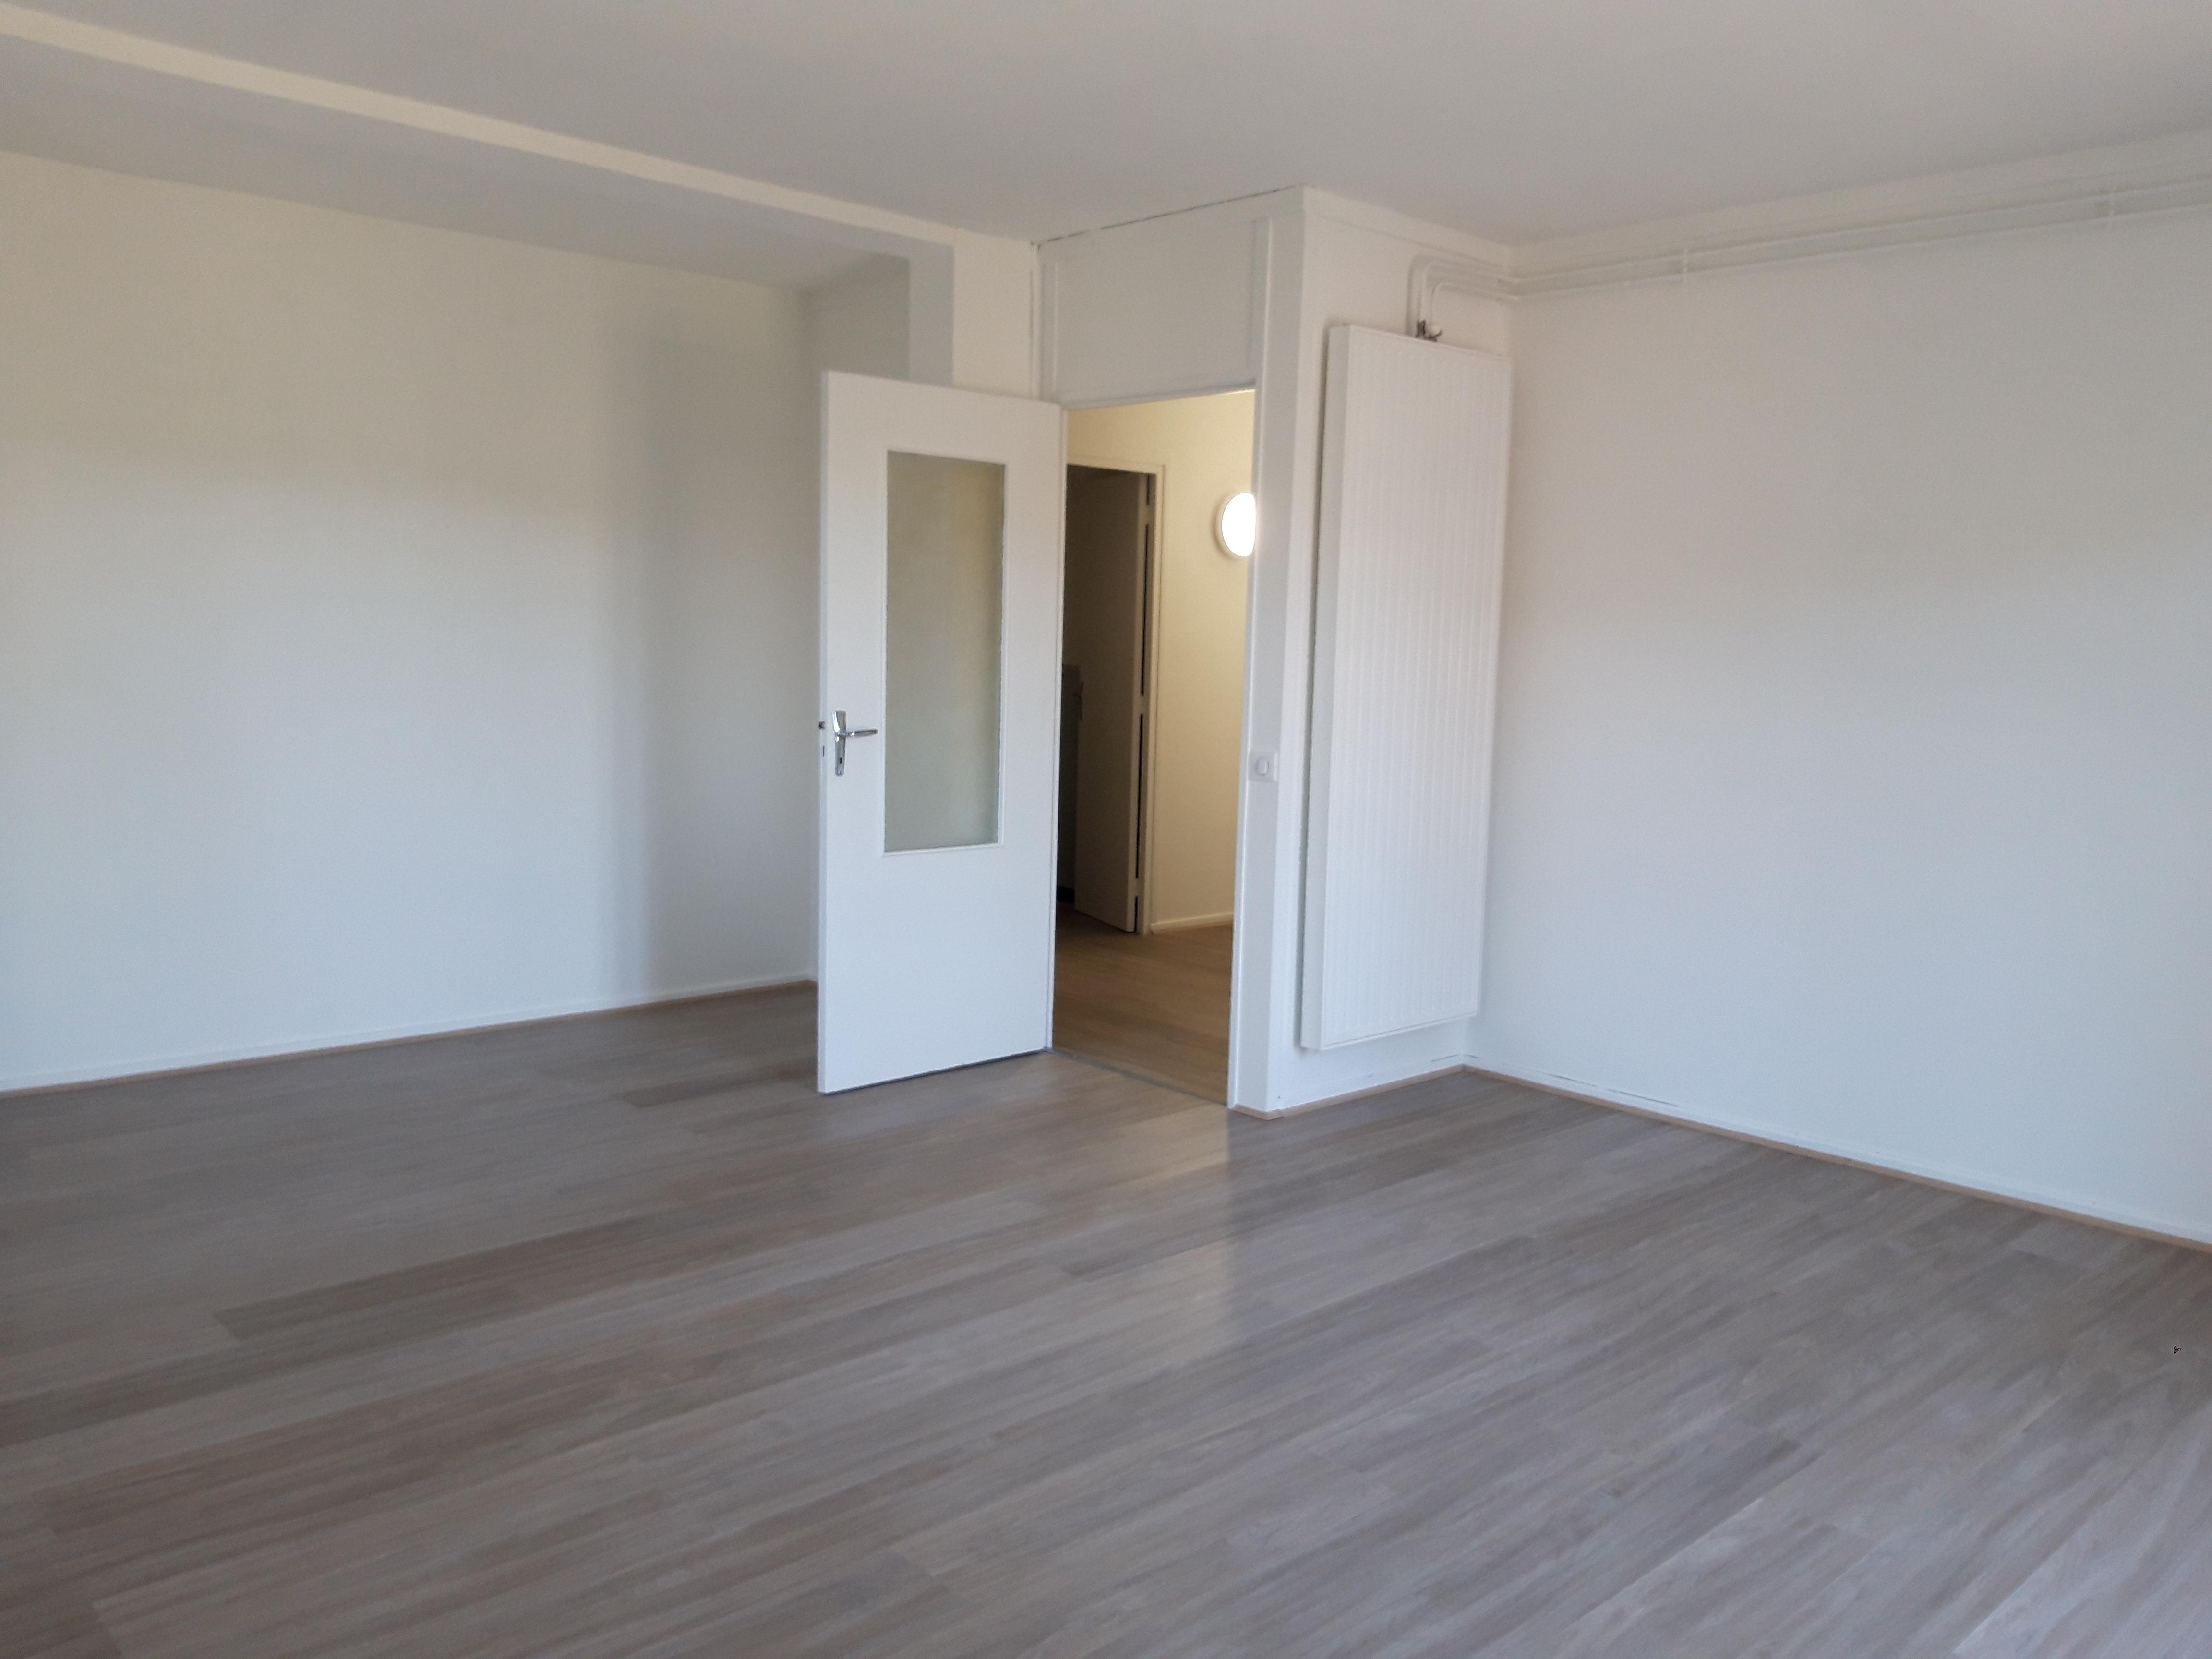 Appartement T2 rénové à louer à FIGEAC